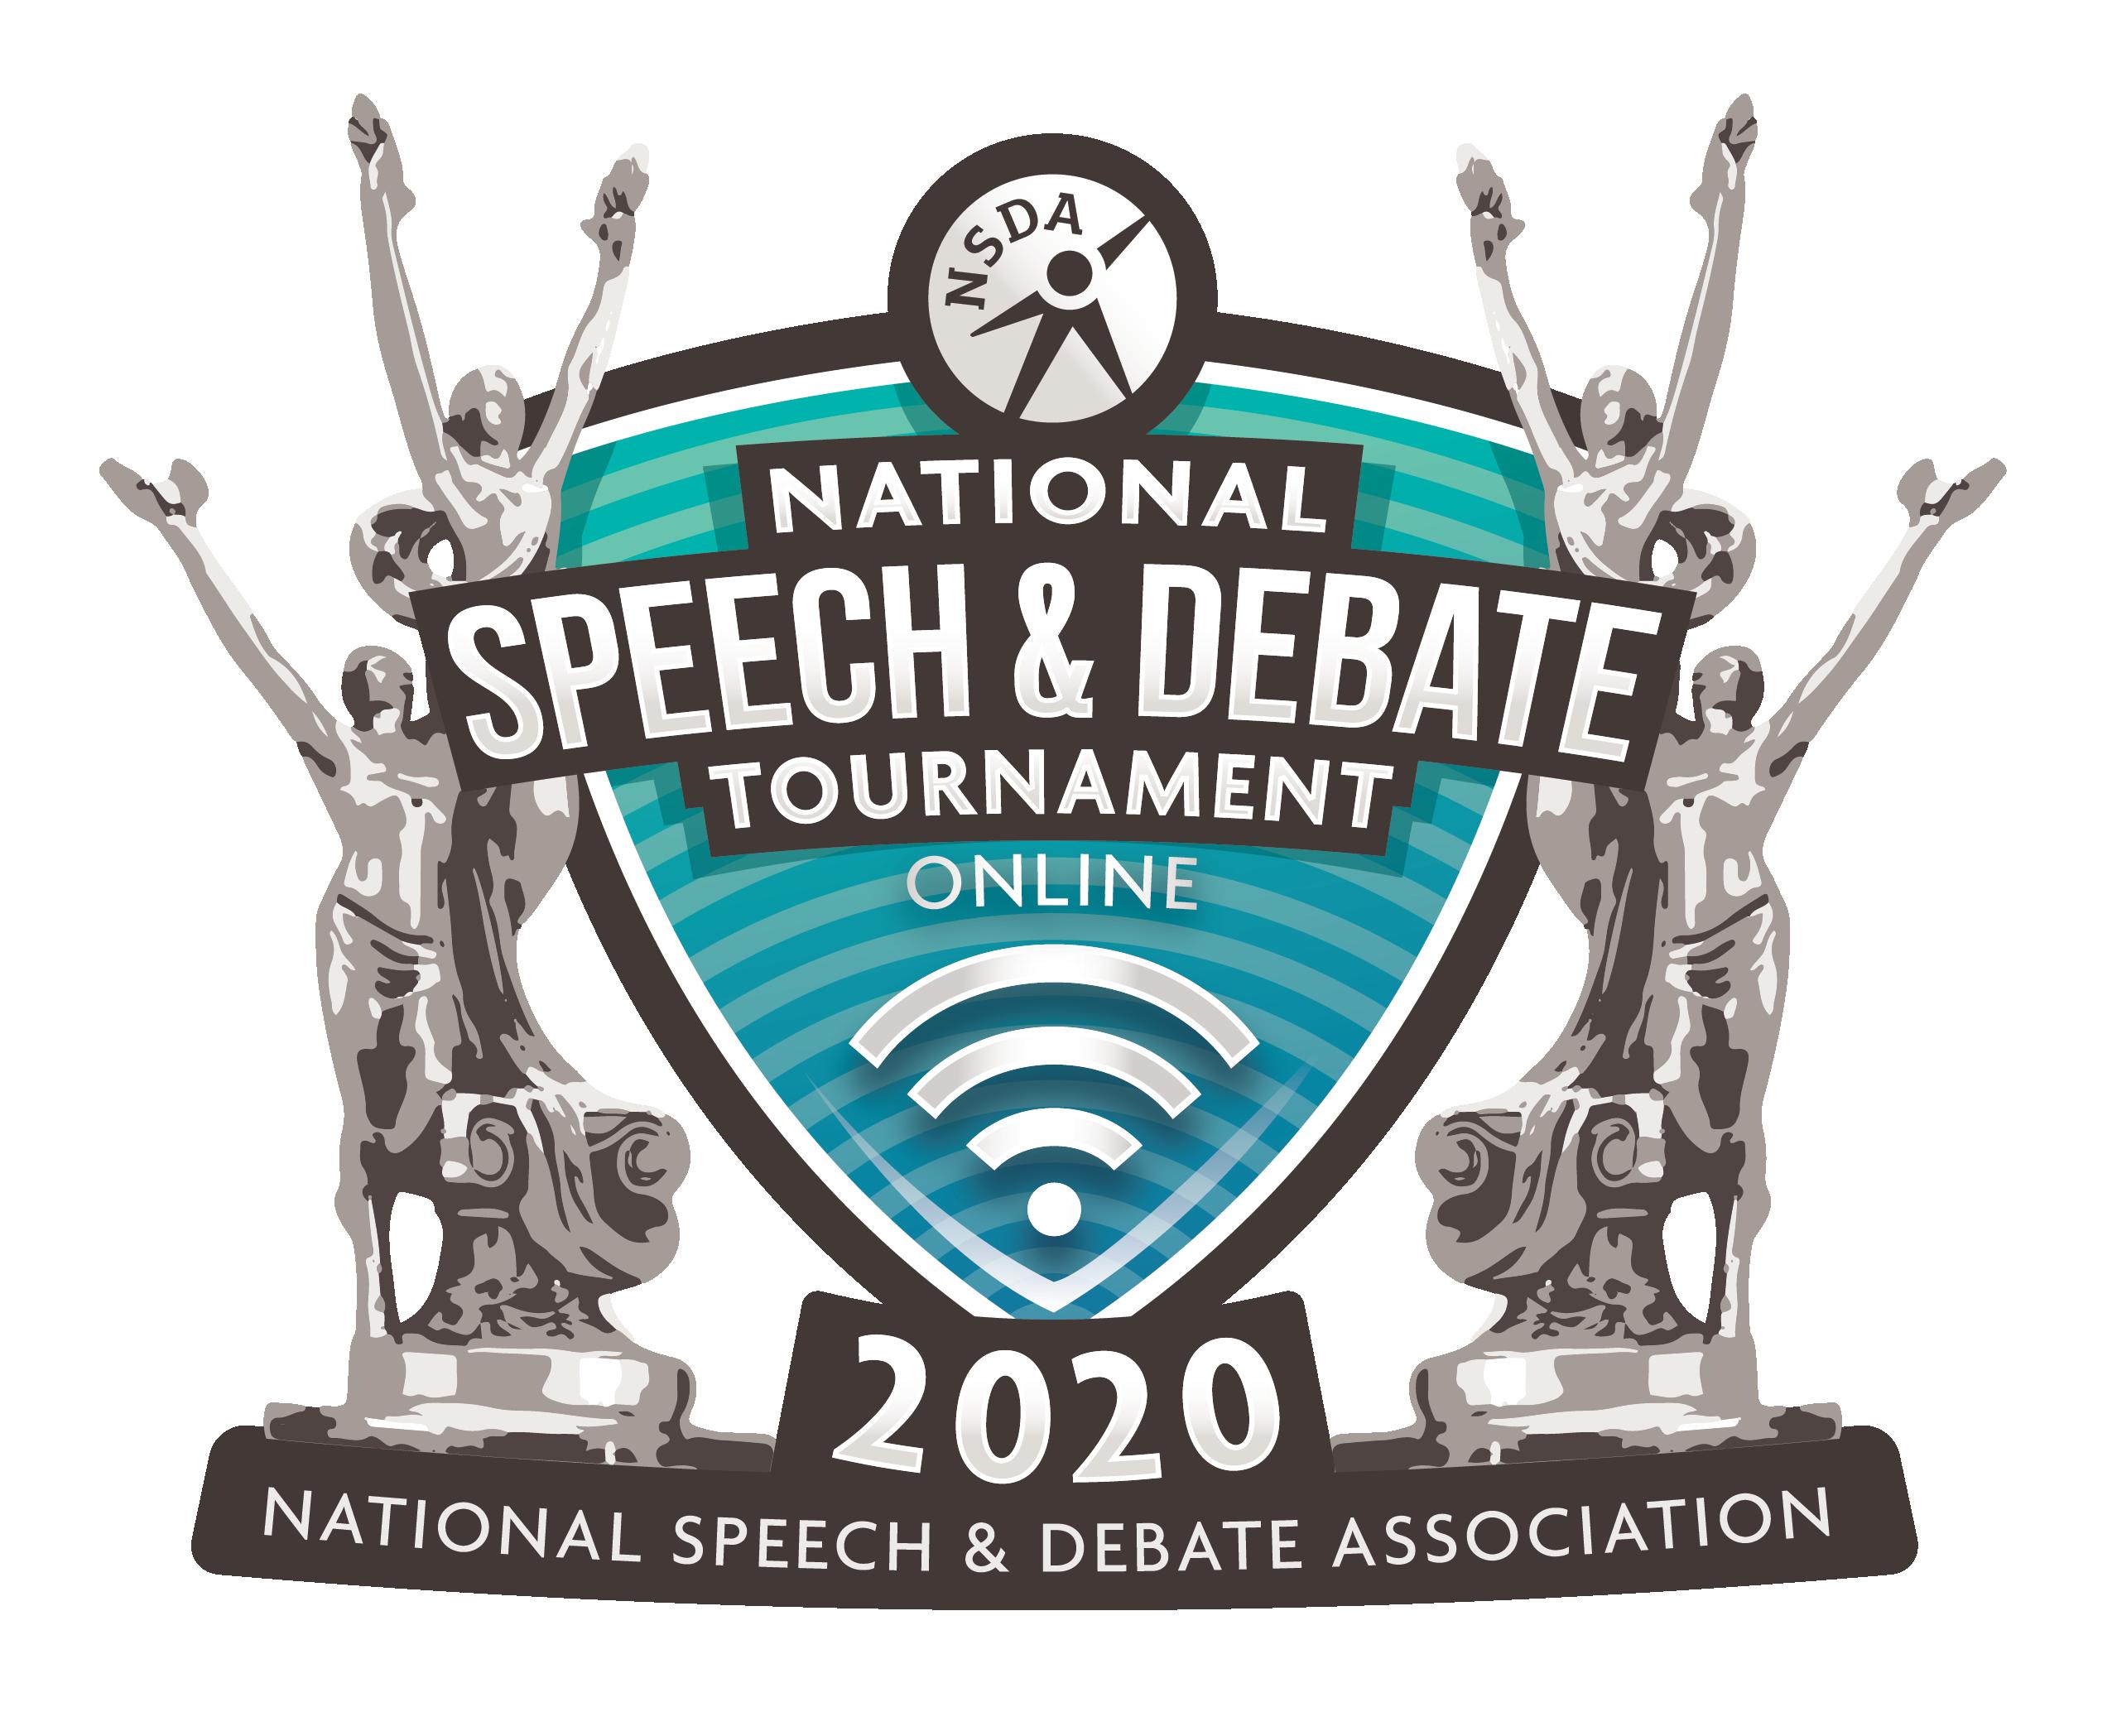 2020 National Speech and Debate Tournament Online